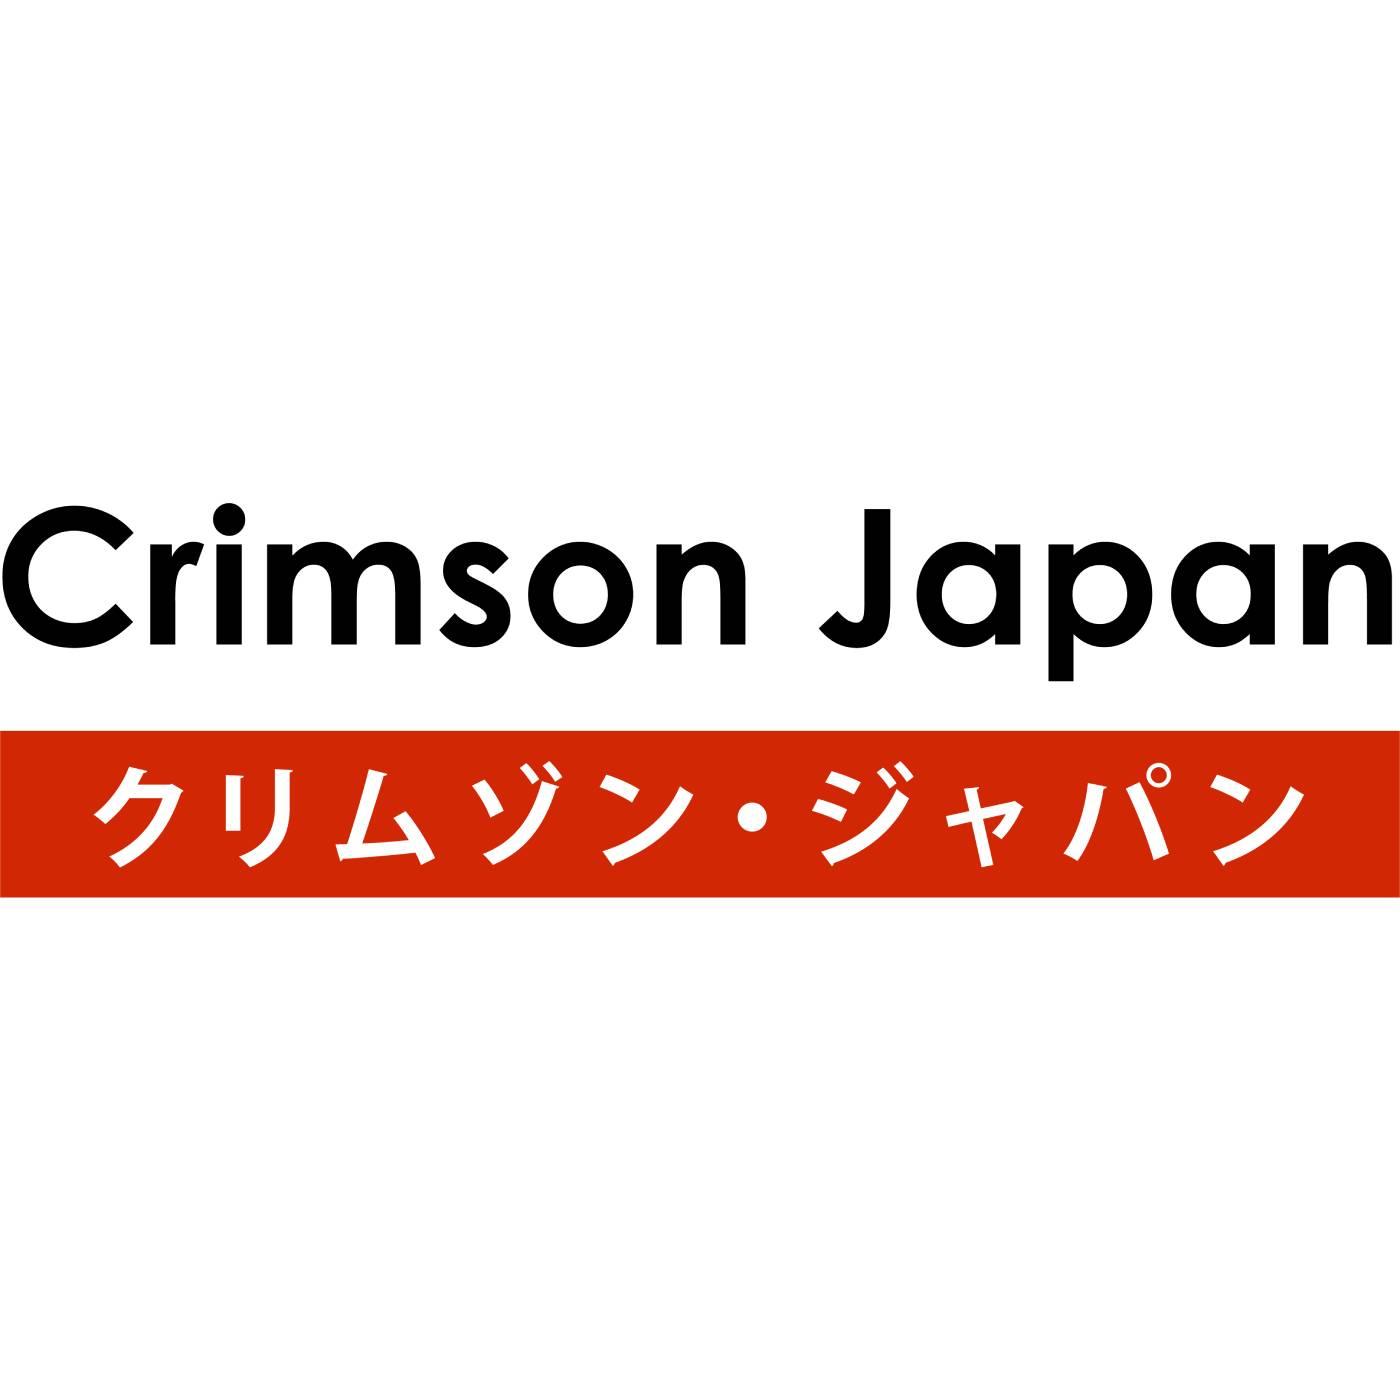 翻訳会社クリムゾン・ジャパン